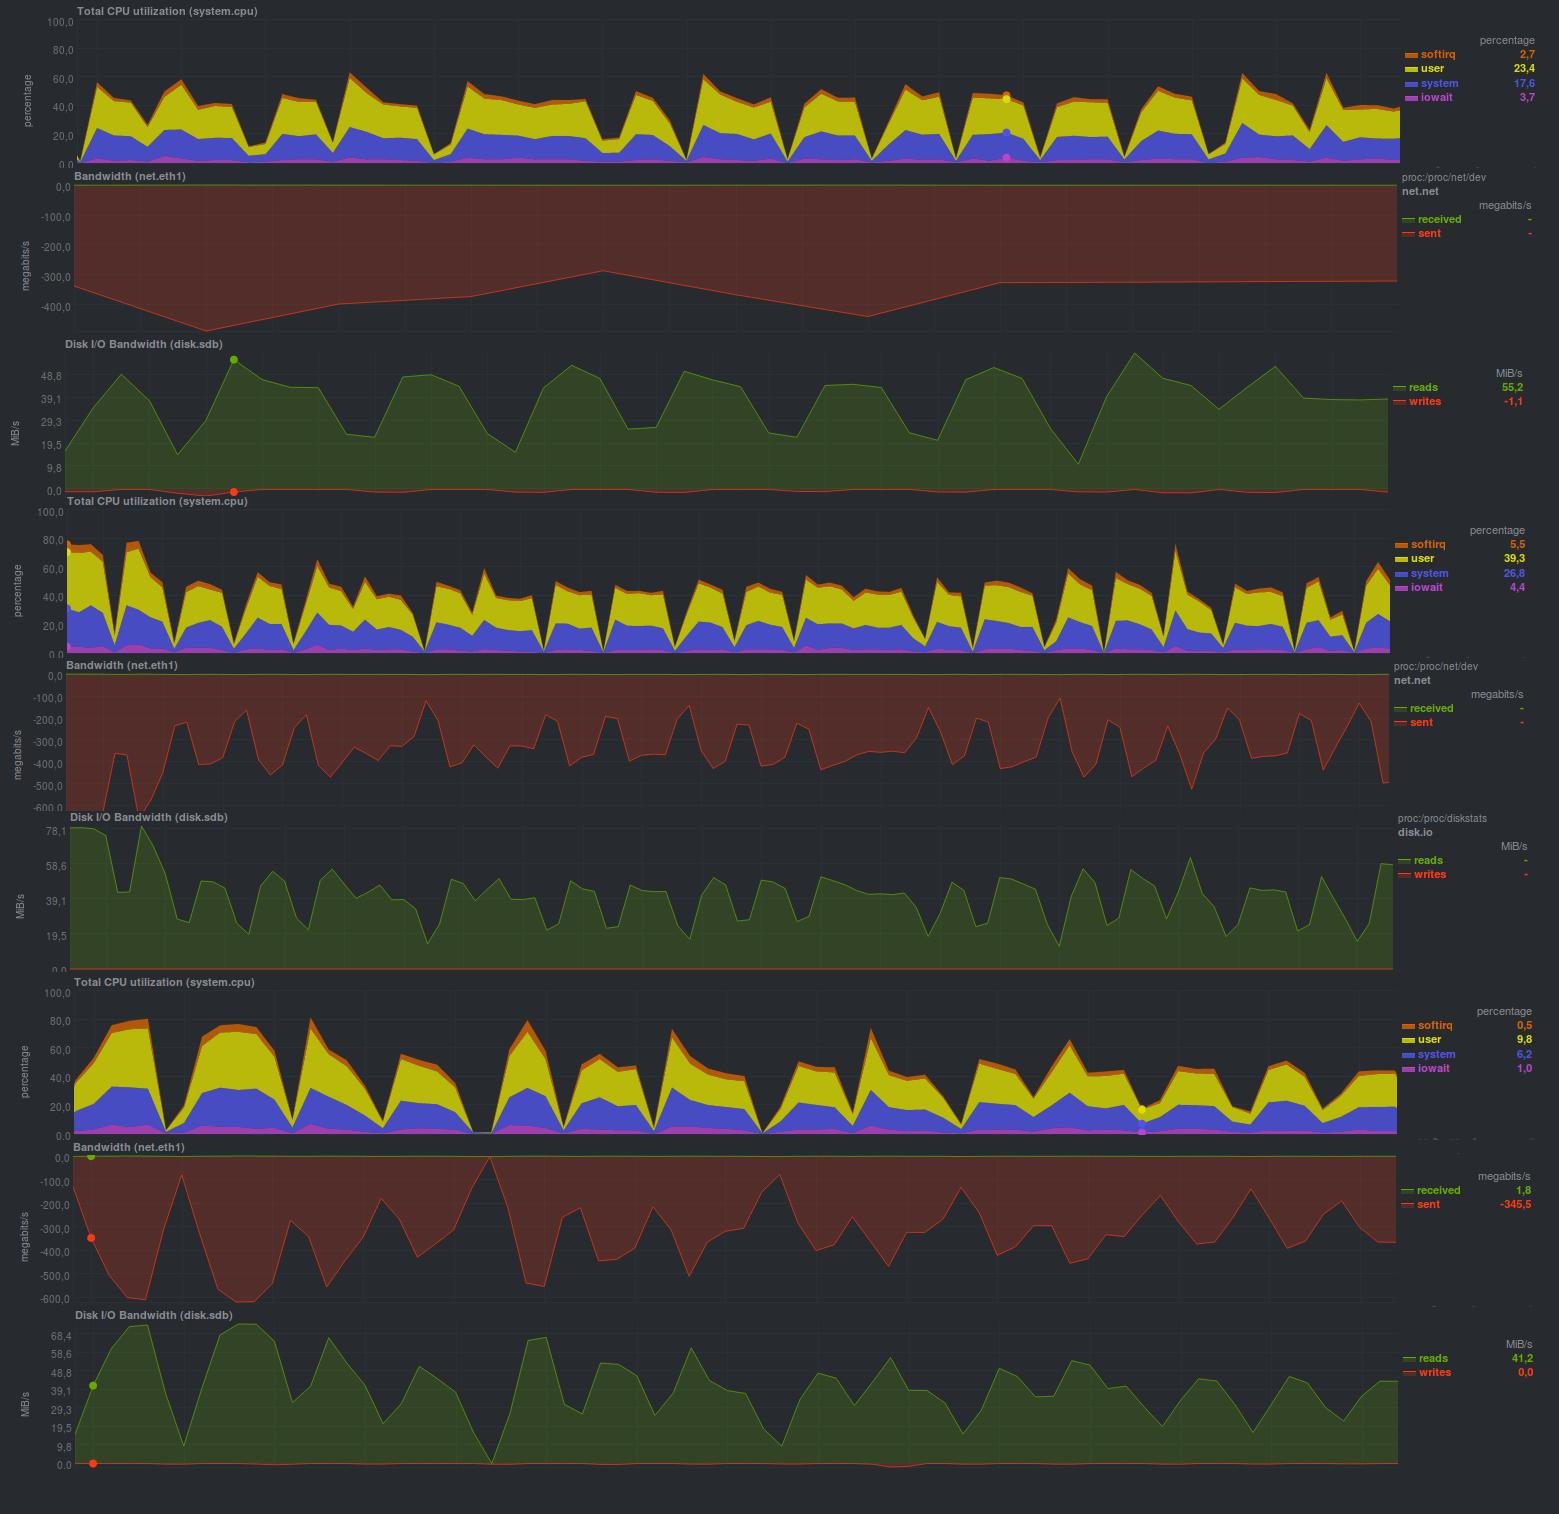 Резервное копирование, часть 2: Обзор и тестирование rsync-based средств резервного копирования - 4